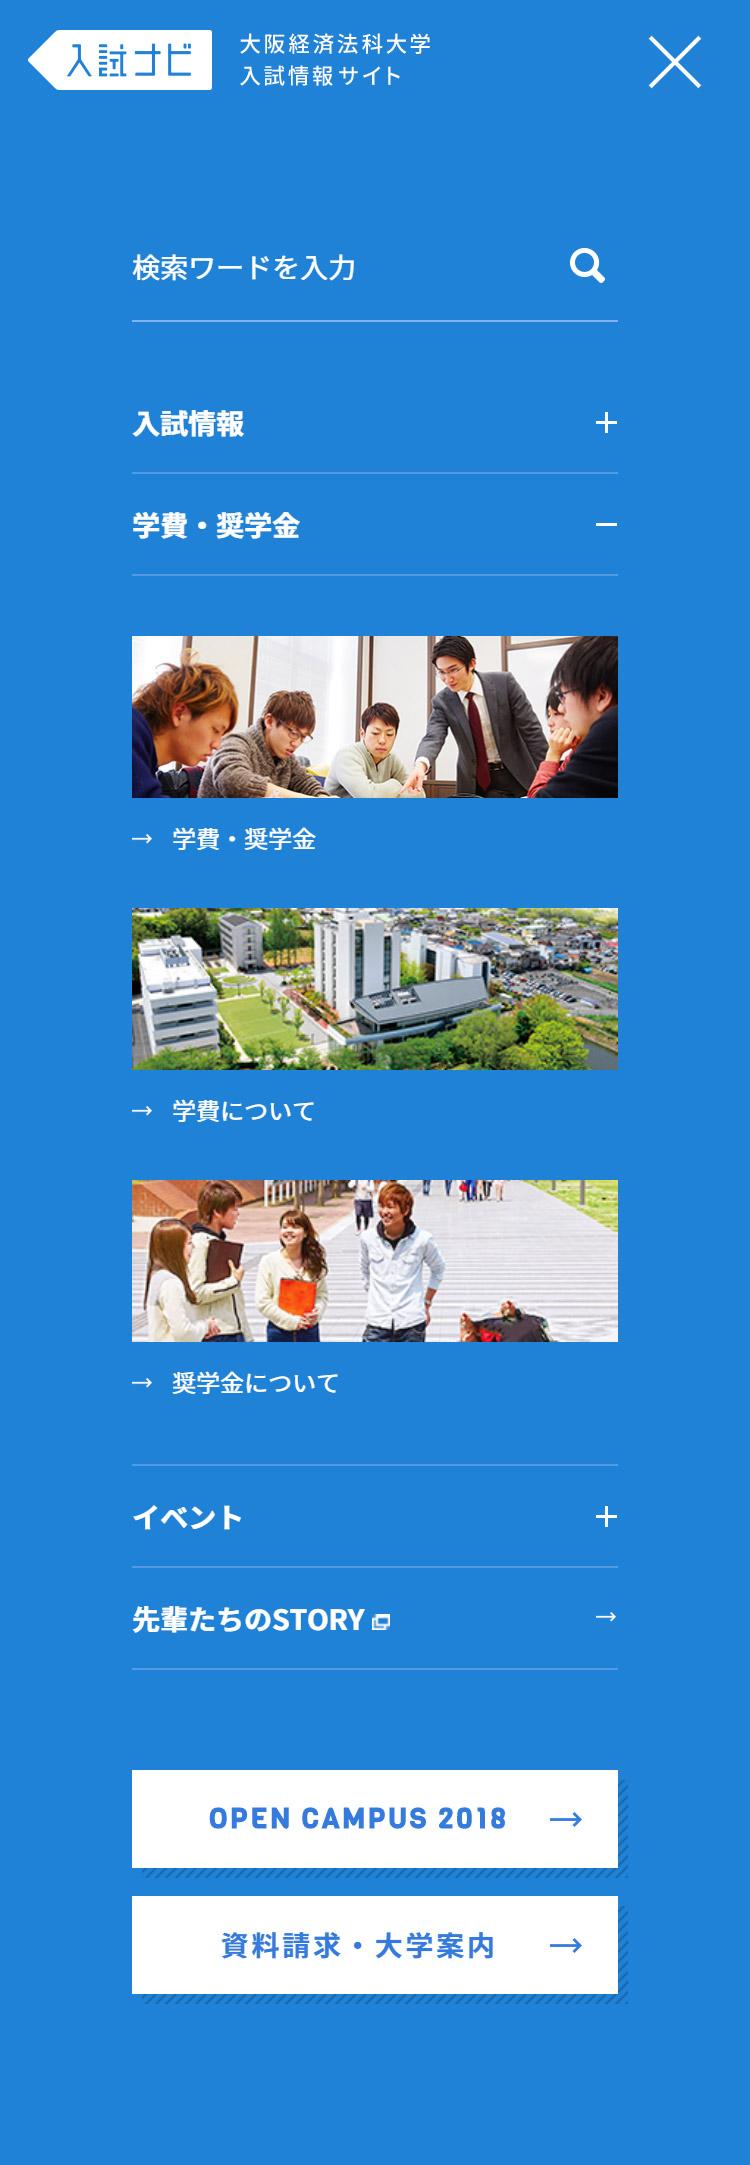 大阪経済法科大学 入試情報サイト メニュー